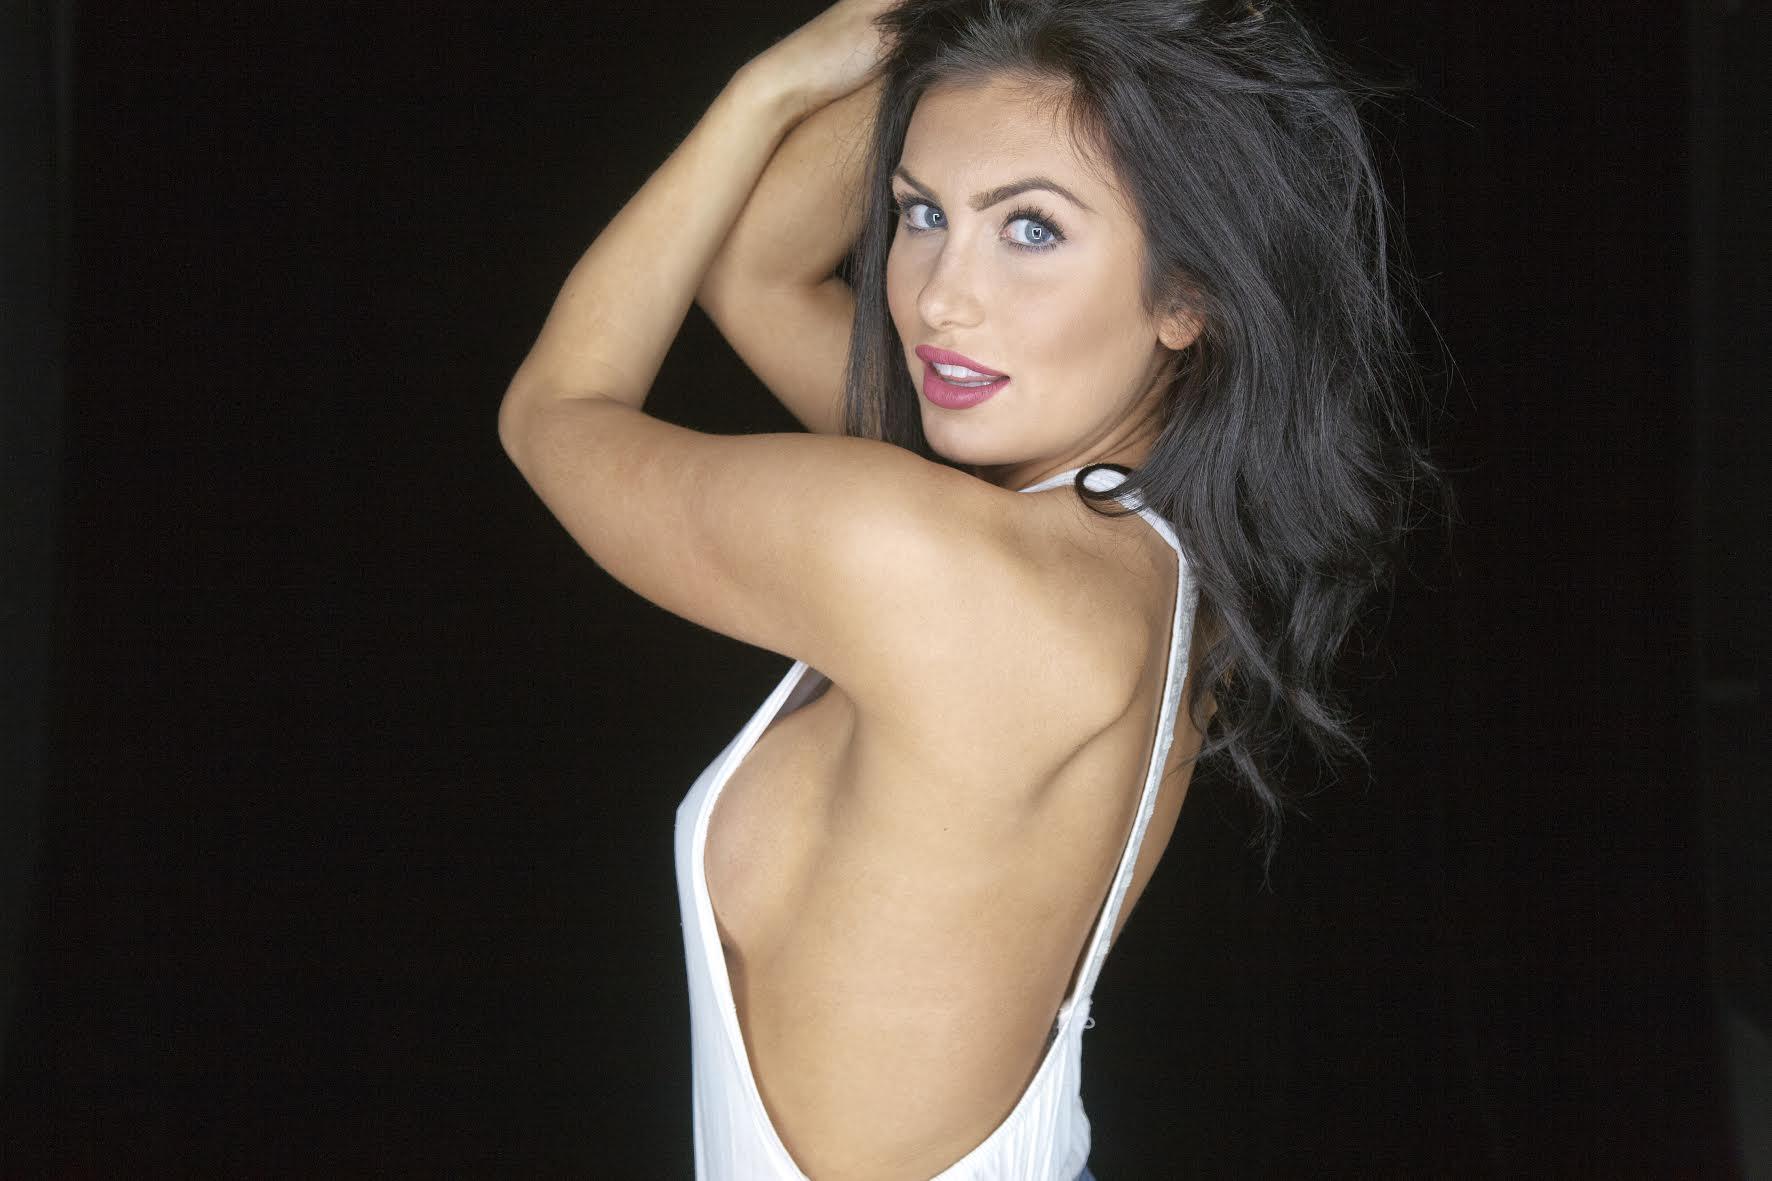 Caitlin Ashley